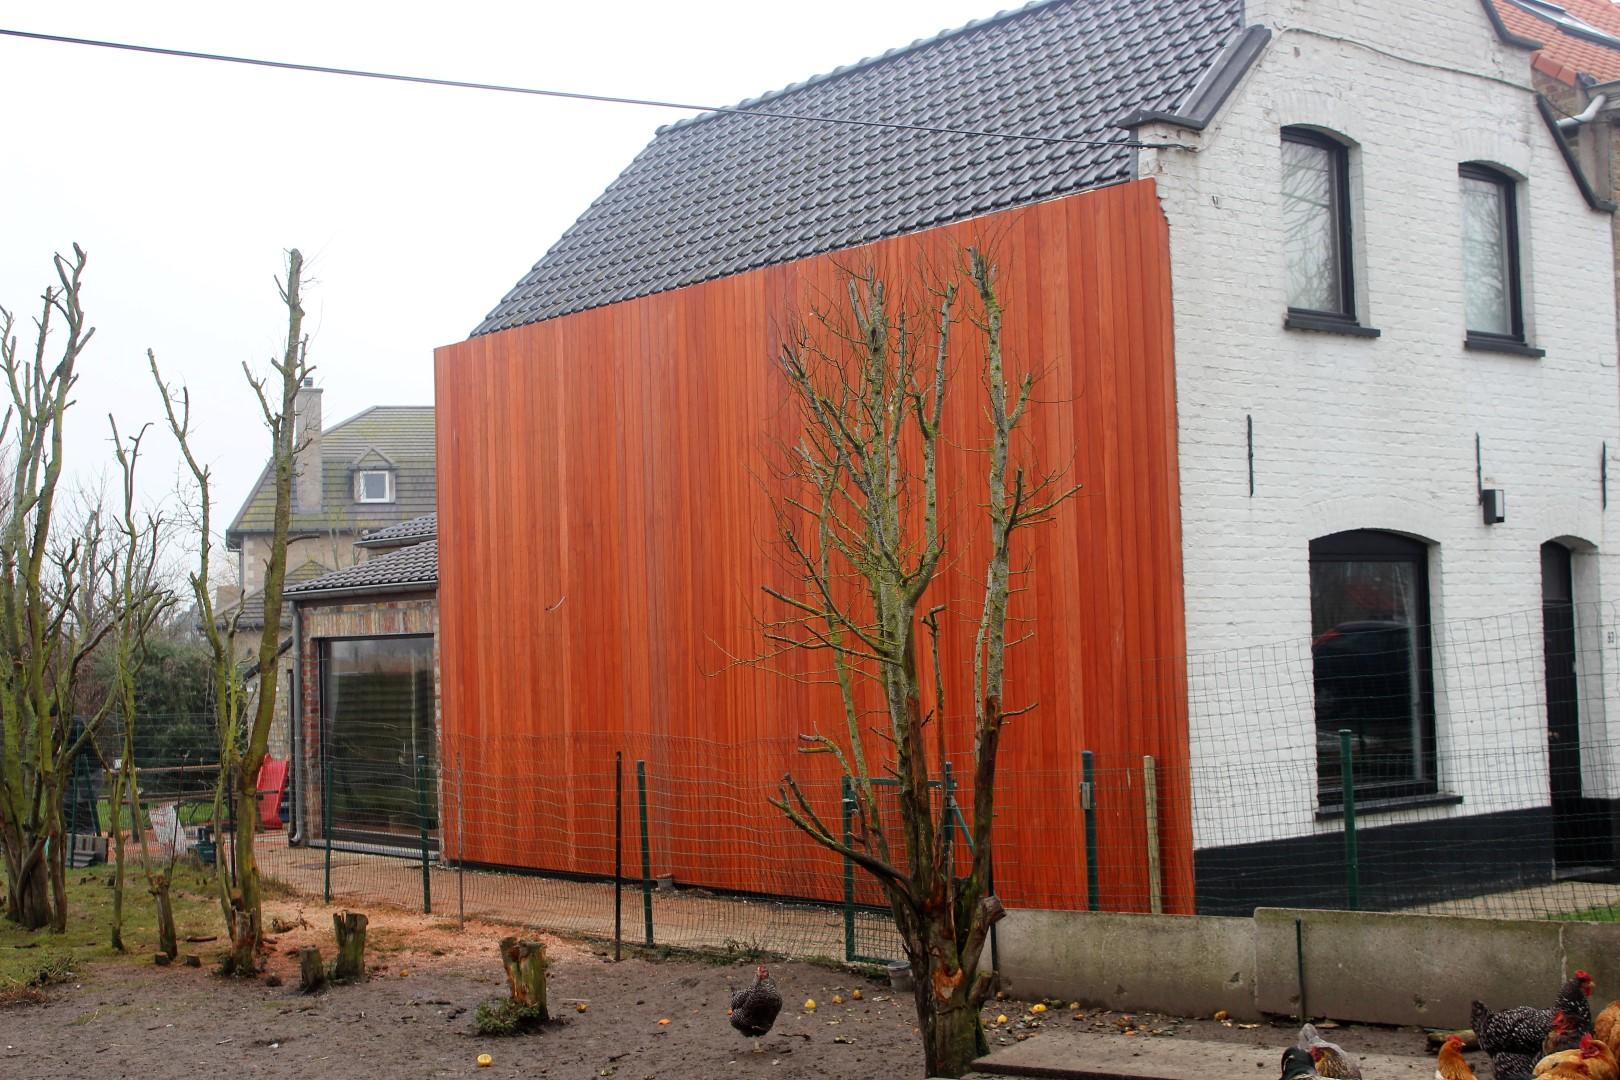 GB Construct, Gevelbekleding, Padouk planchetten, Isolatie, Zinken bakgoot, Nieuwpoort